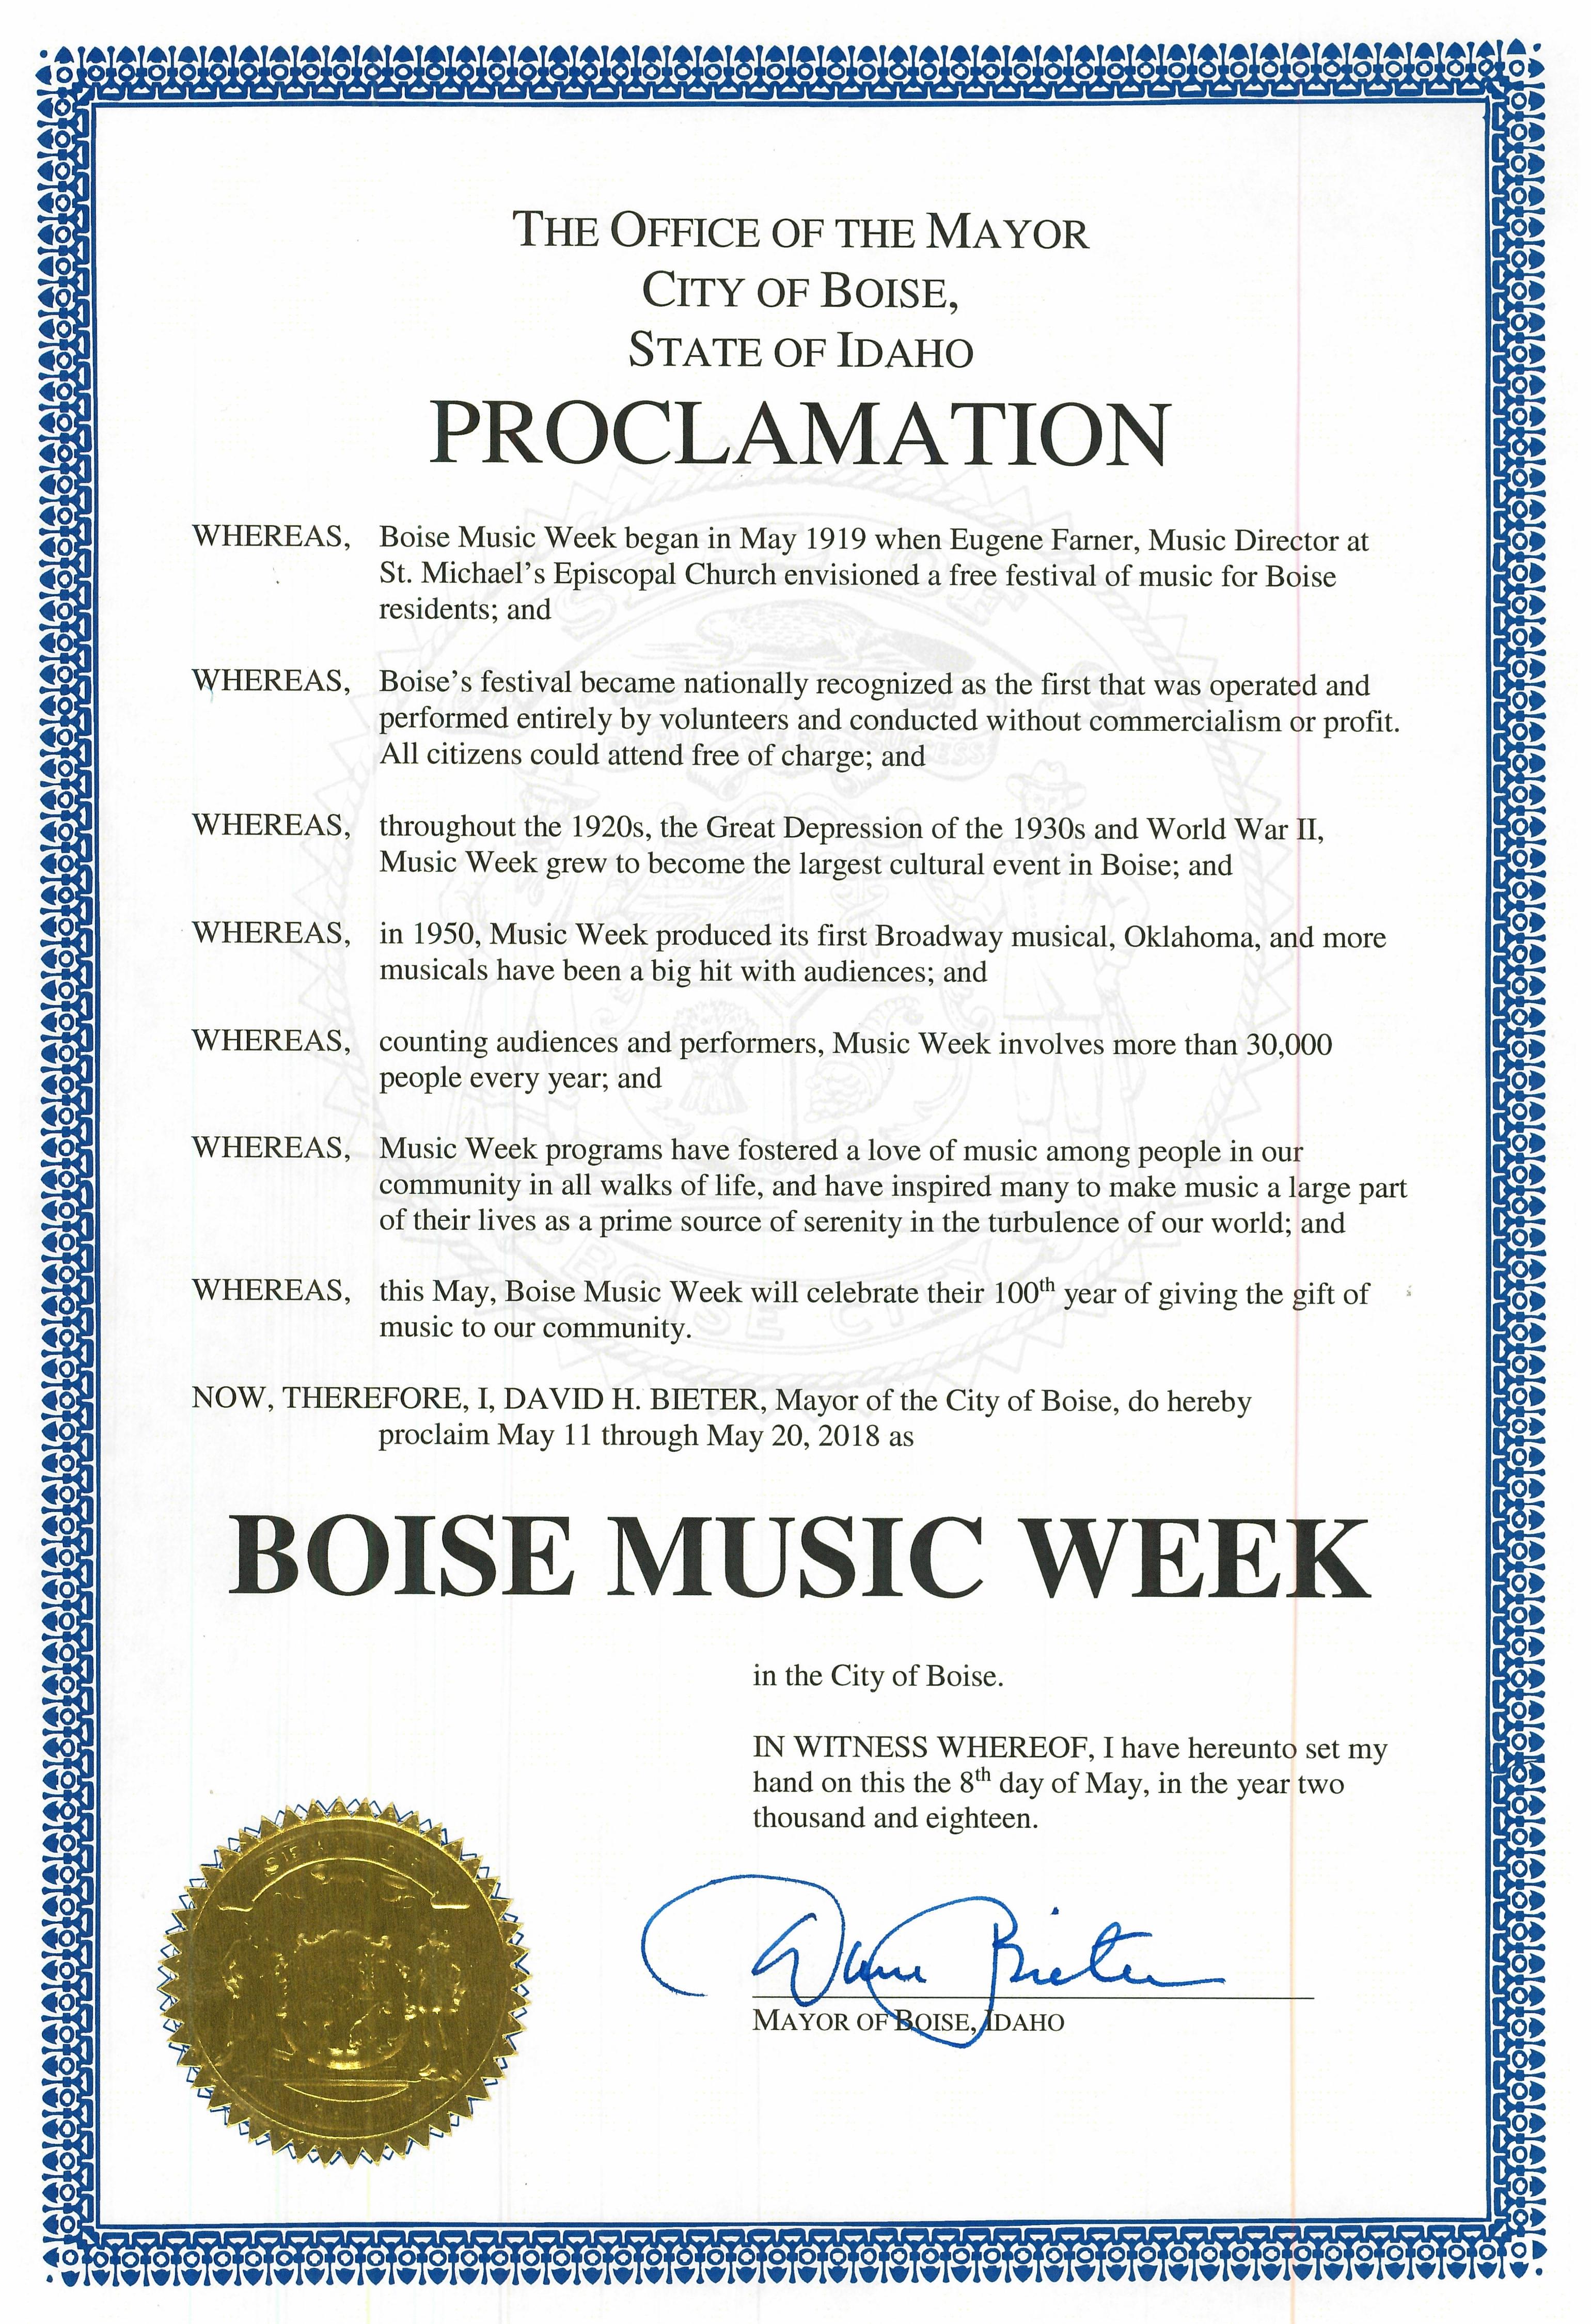 Mayor's Proclamation 2018